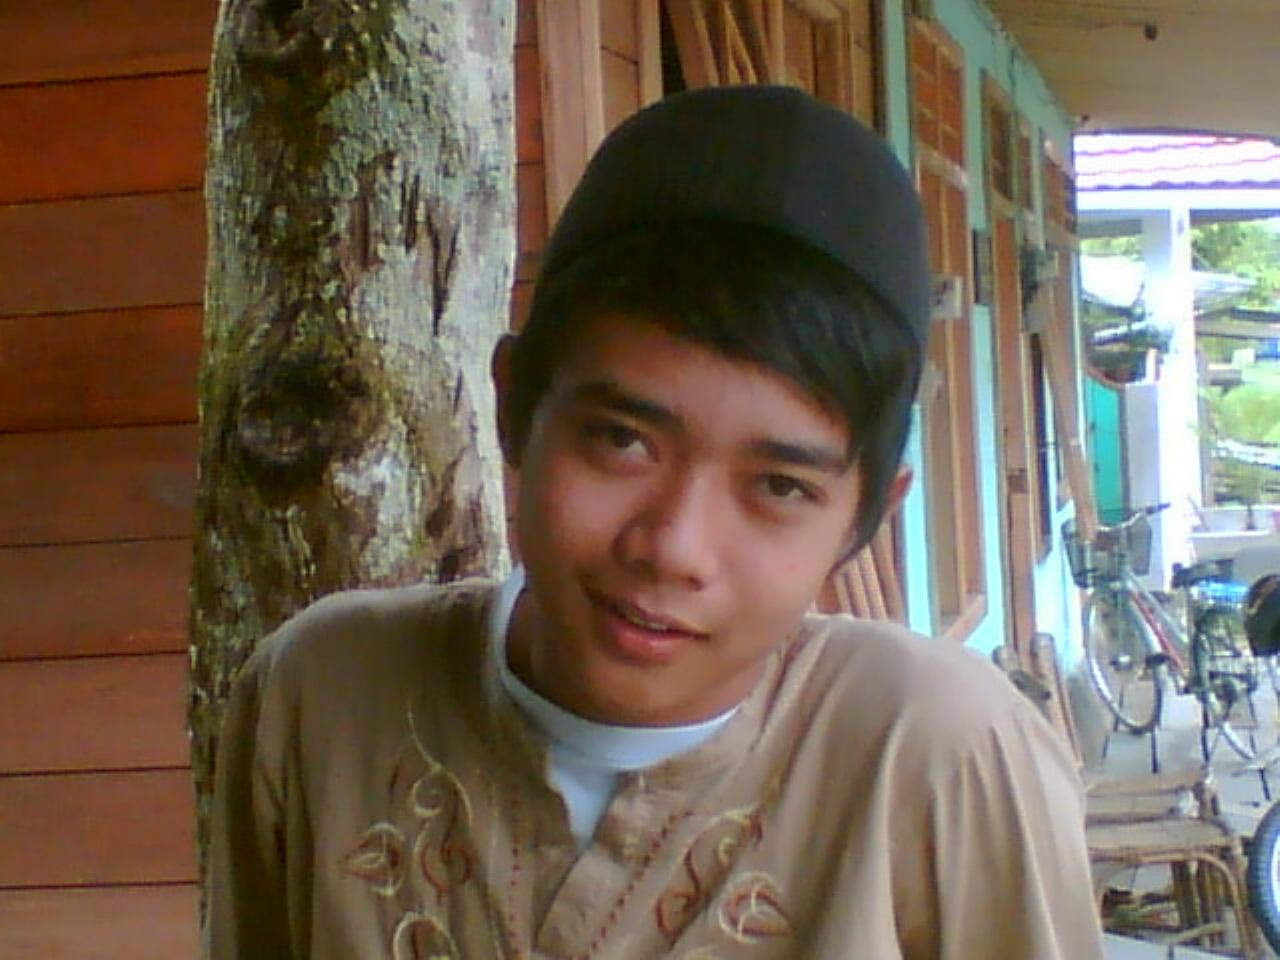 Siswi Smp Berjilbab Lagi Nyepong Pic 11 of 35